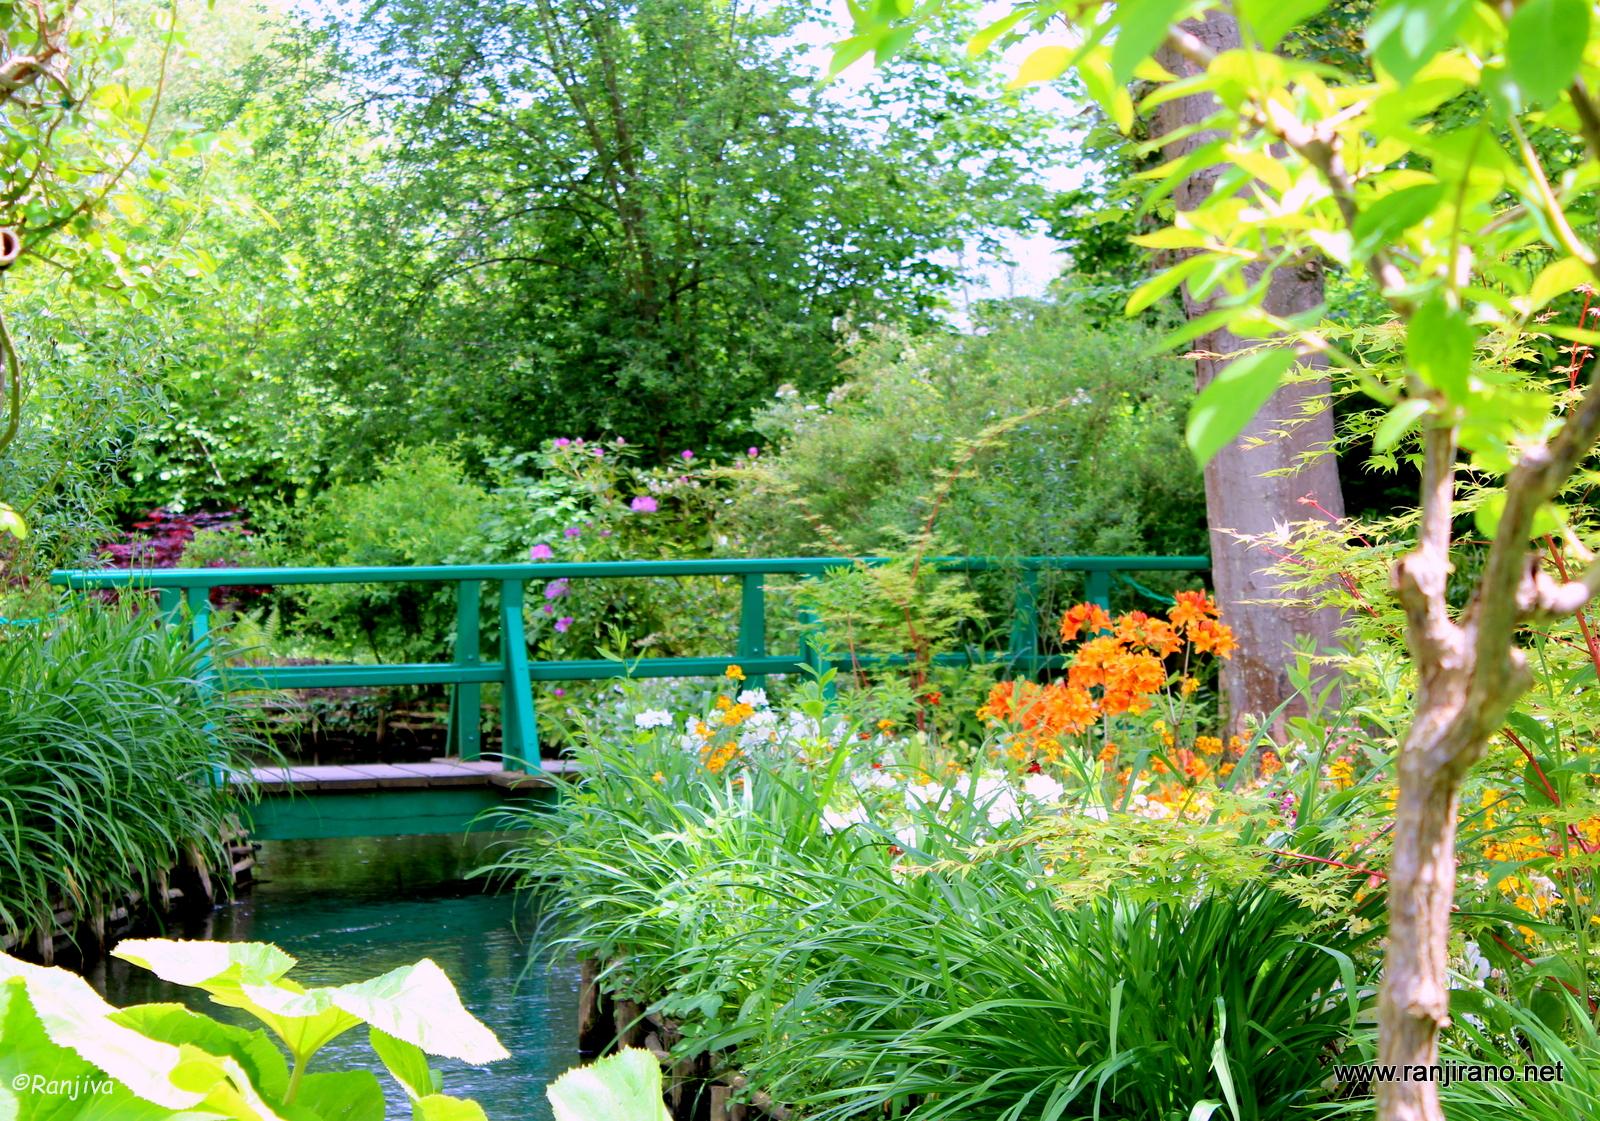 symphonie de couleurs au rythme des saisons dans le jardin de monet giverny paysages et. Black Bedroom Furniture Sets. Home Design Ideas